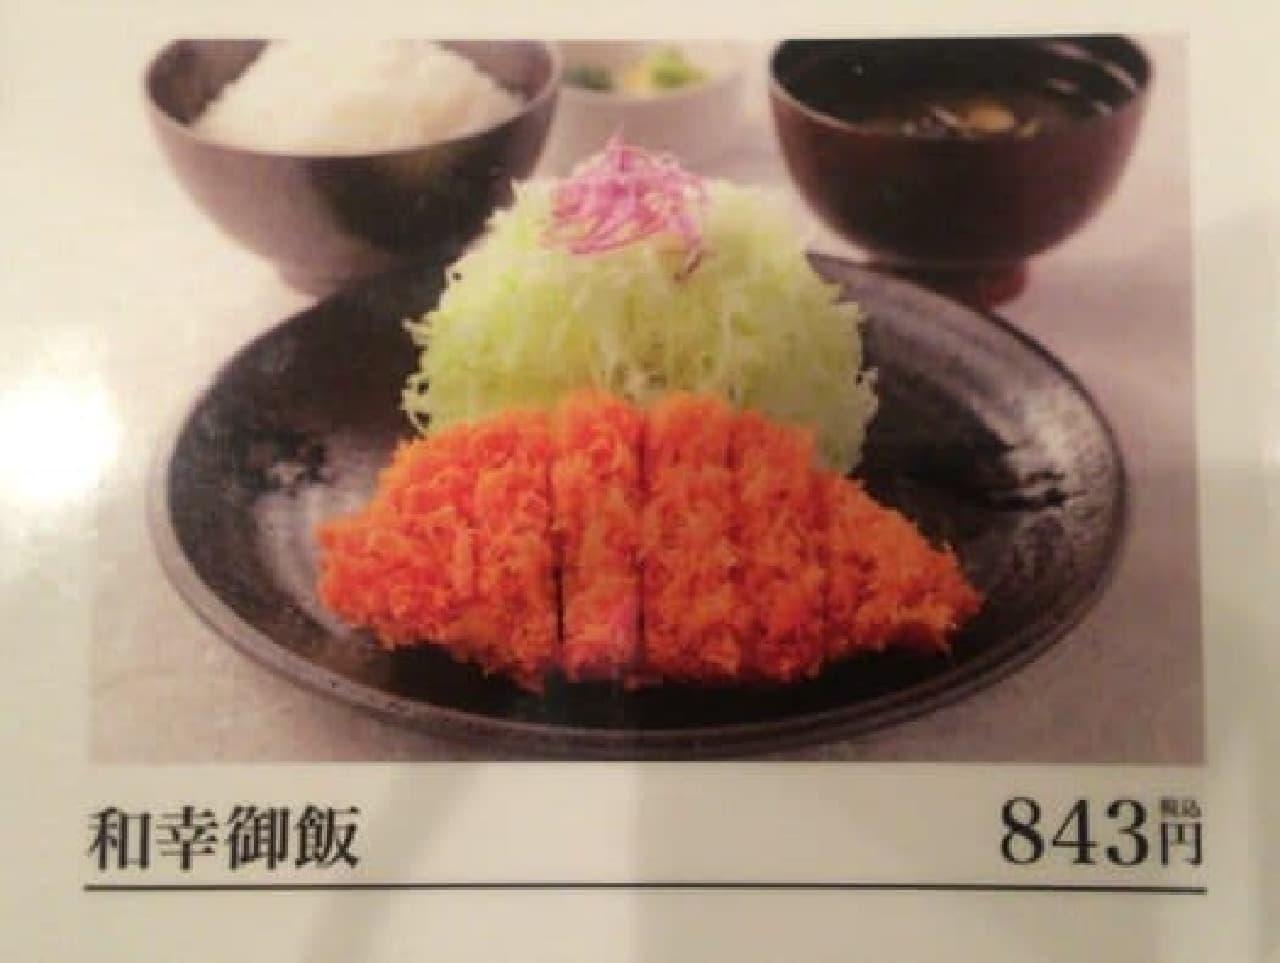 定食はリーズナブルな「和幸御飯」